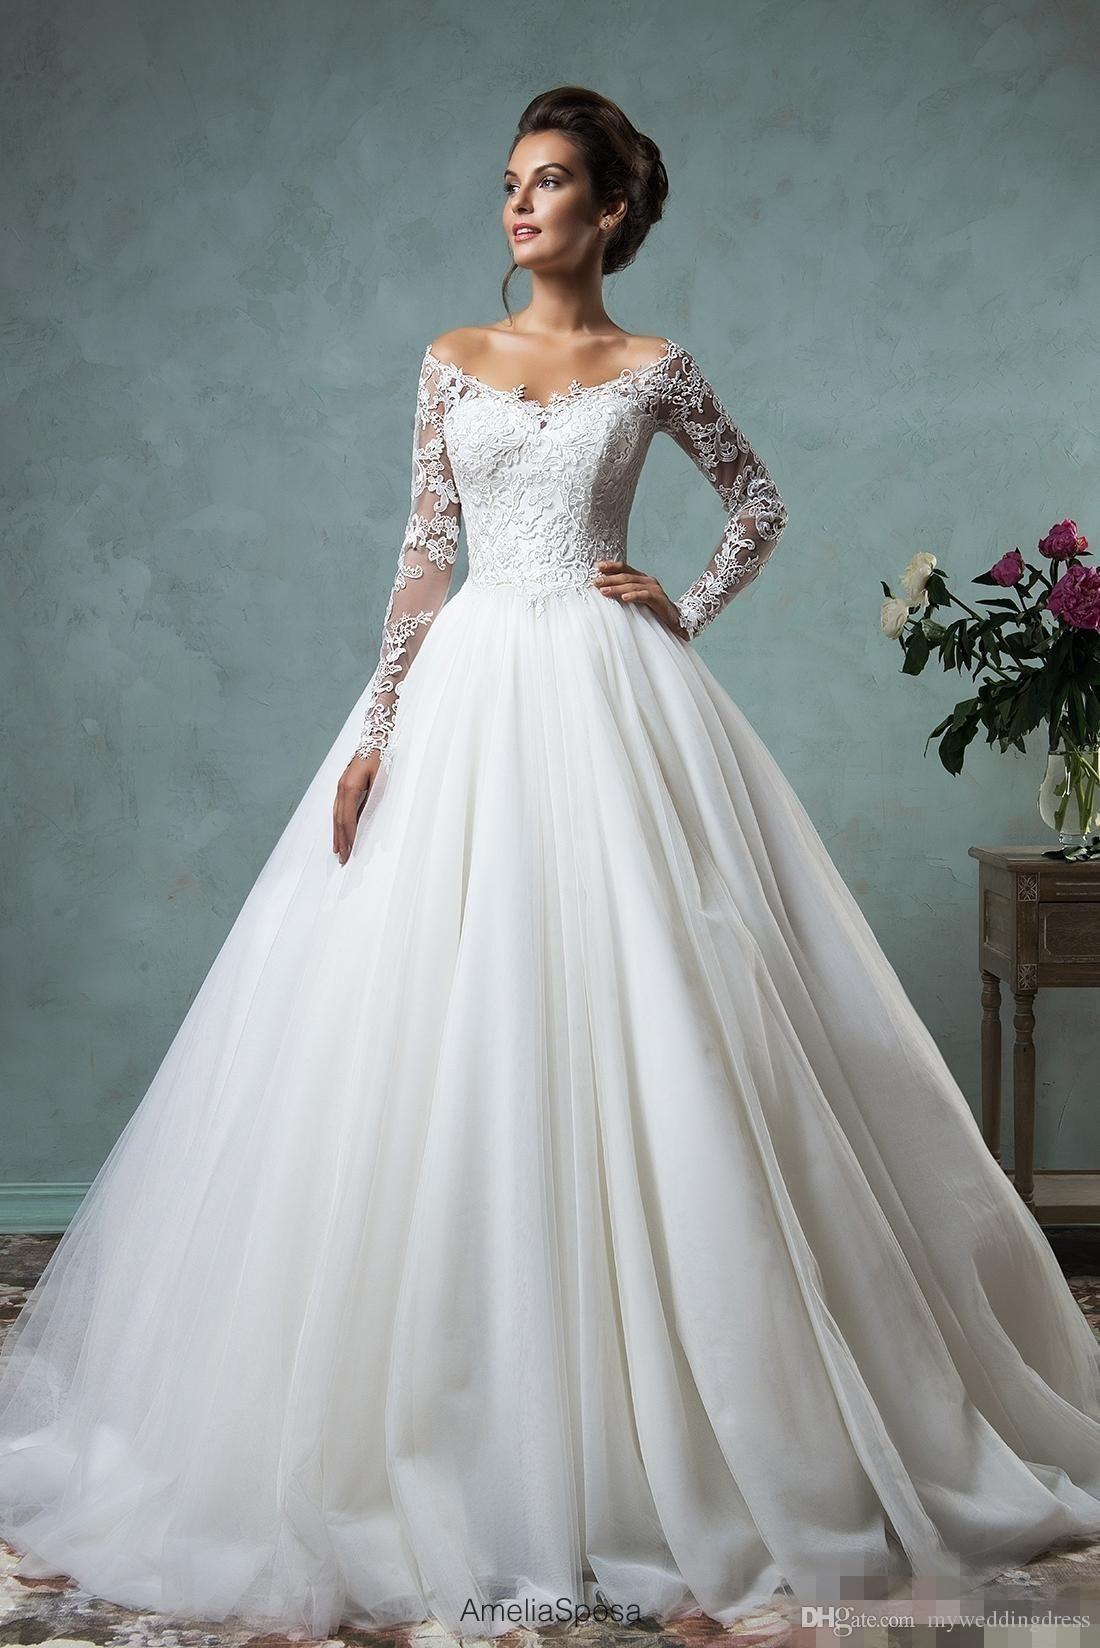 Hochzeitskleid Langarm | Свадебные Платья, Свадебные Наряды